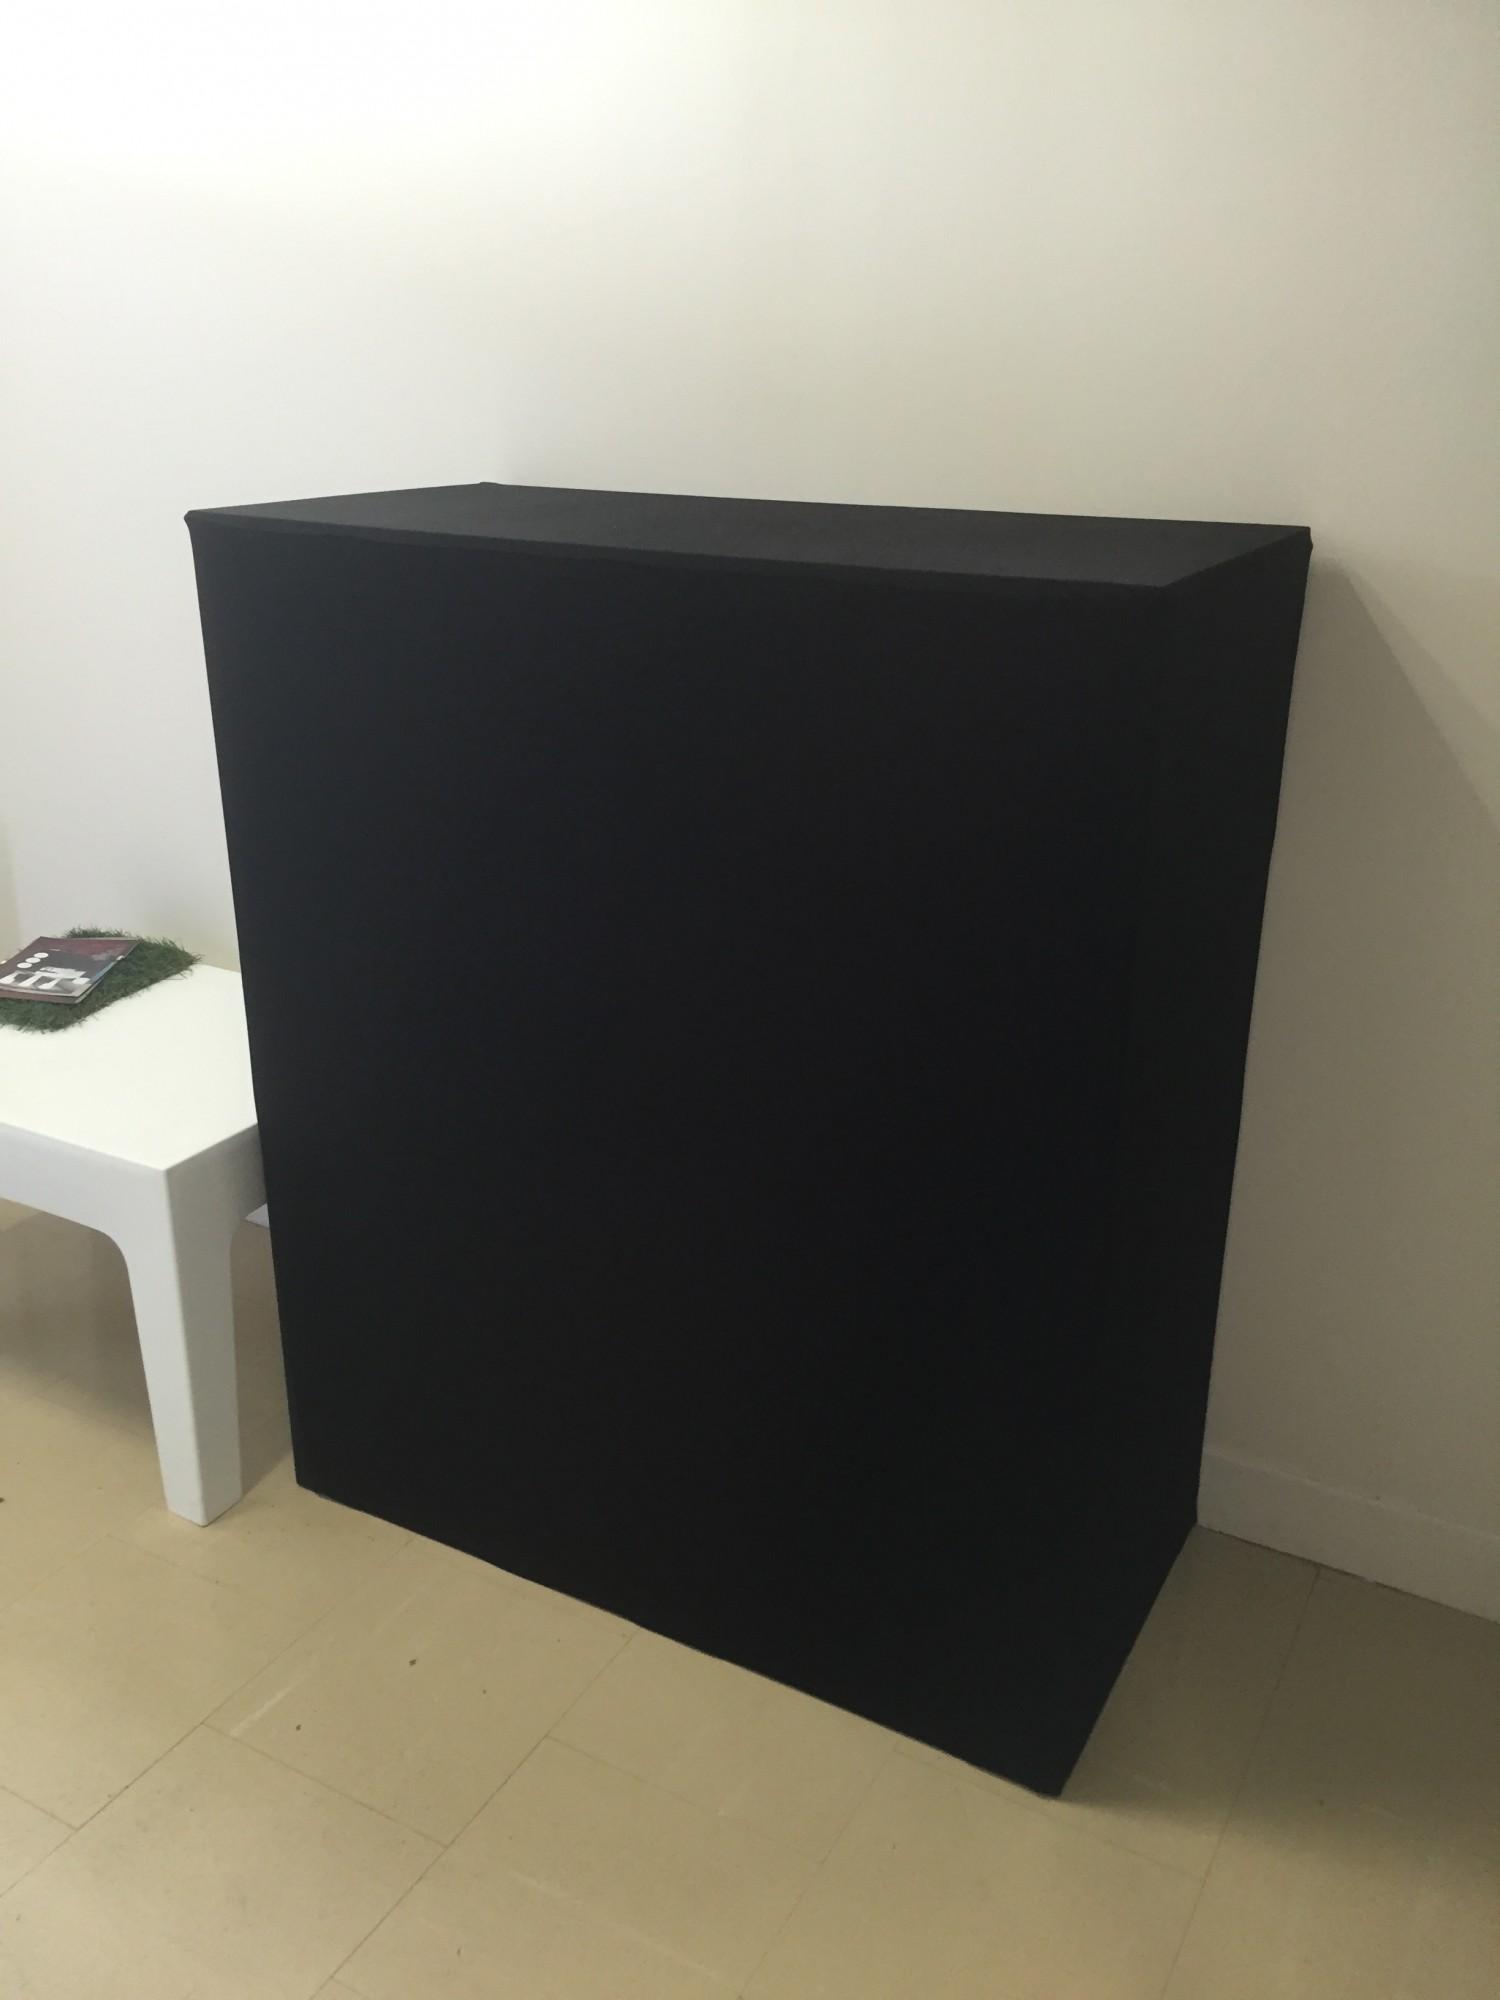 location de buffet mini box houss noir location mobilier de r ception paris locaprod ev nement. Black Bedroom Furniture Sets. Home Design Ideas